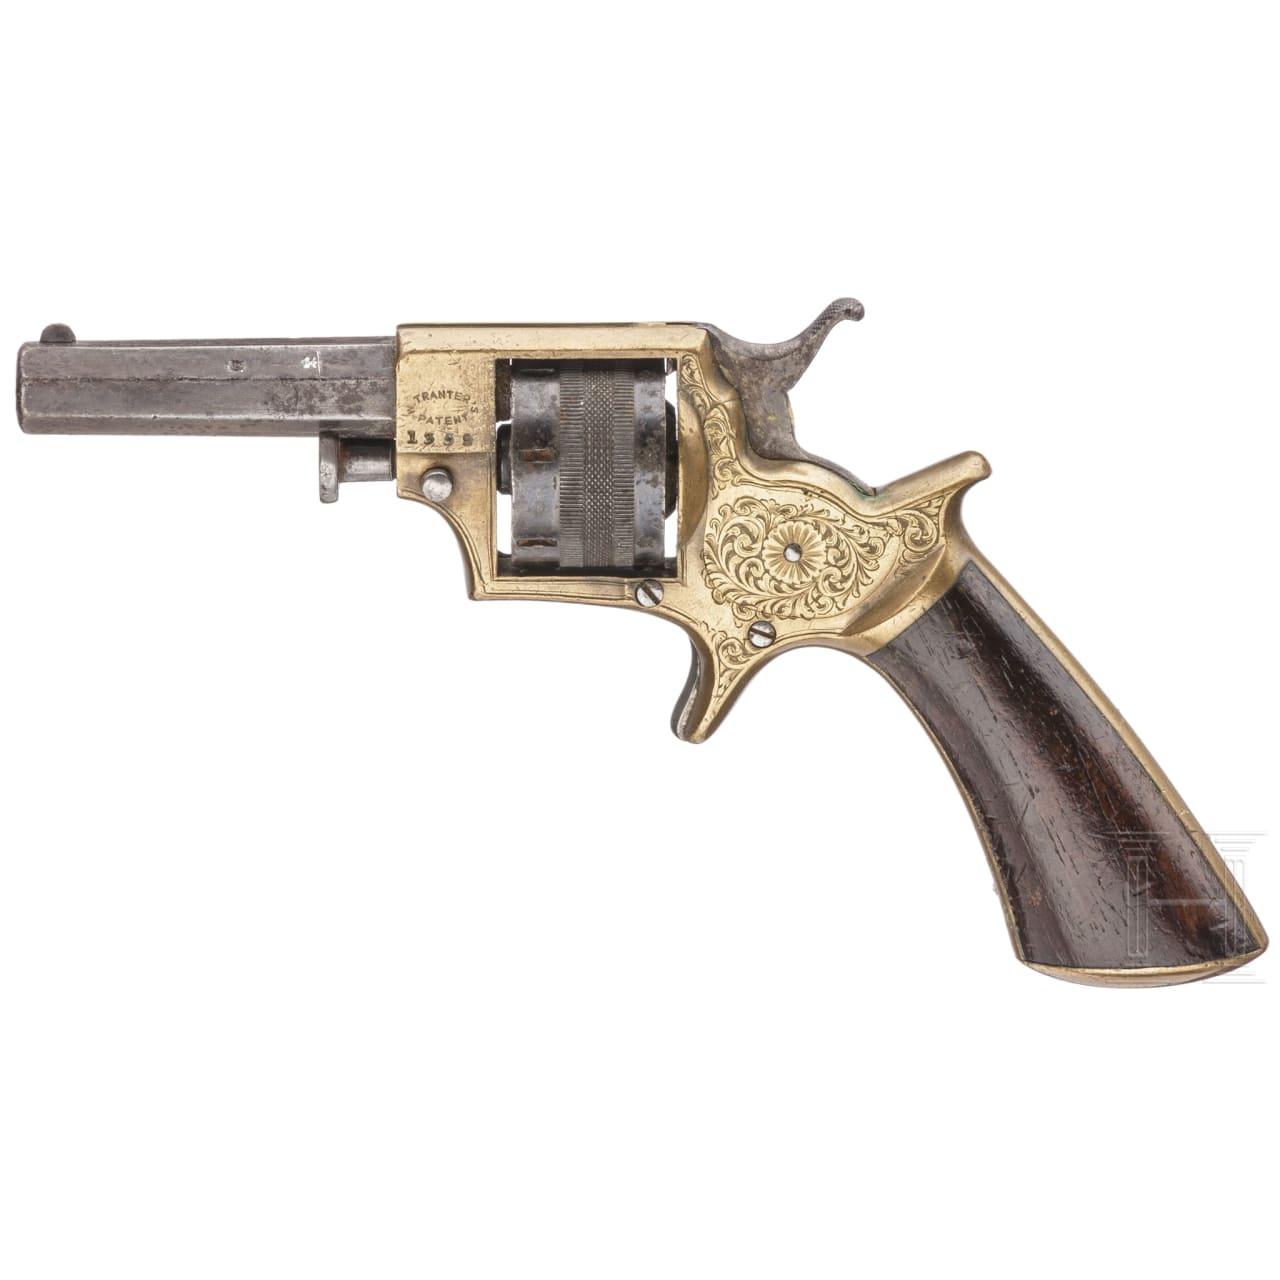 A revolver by Tranter, No 1, circa 1865